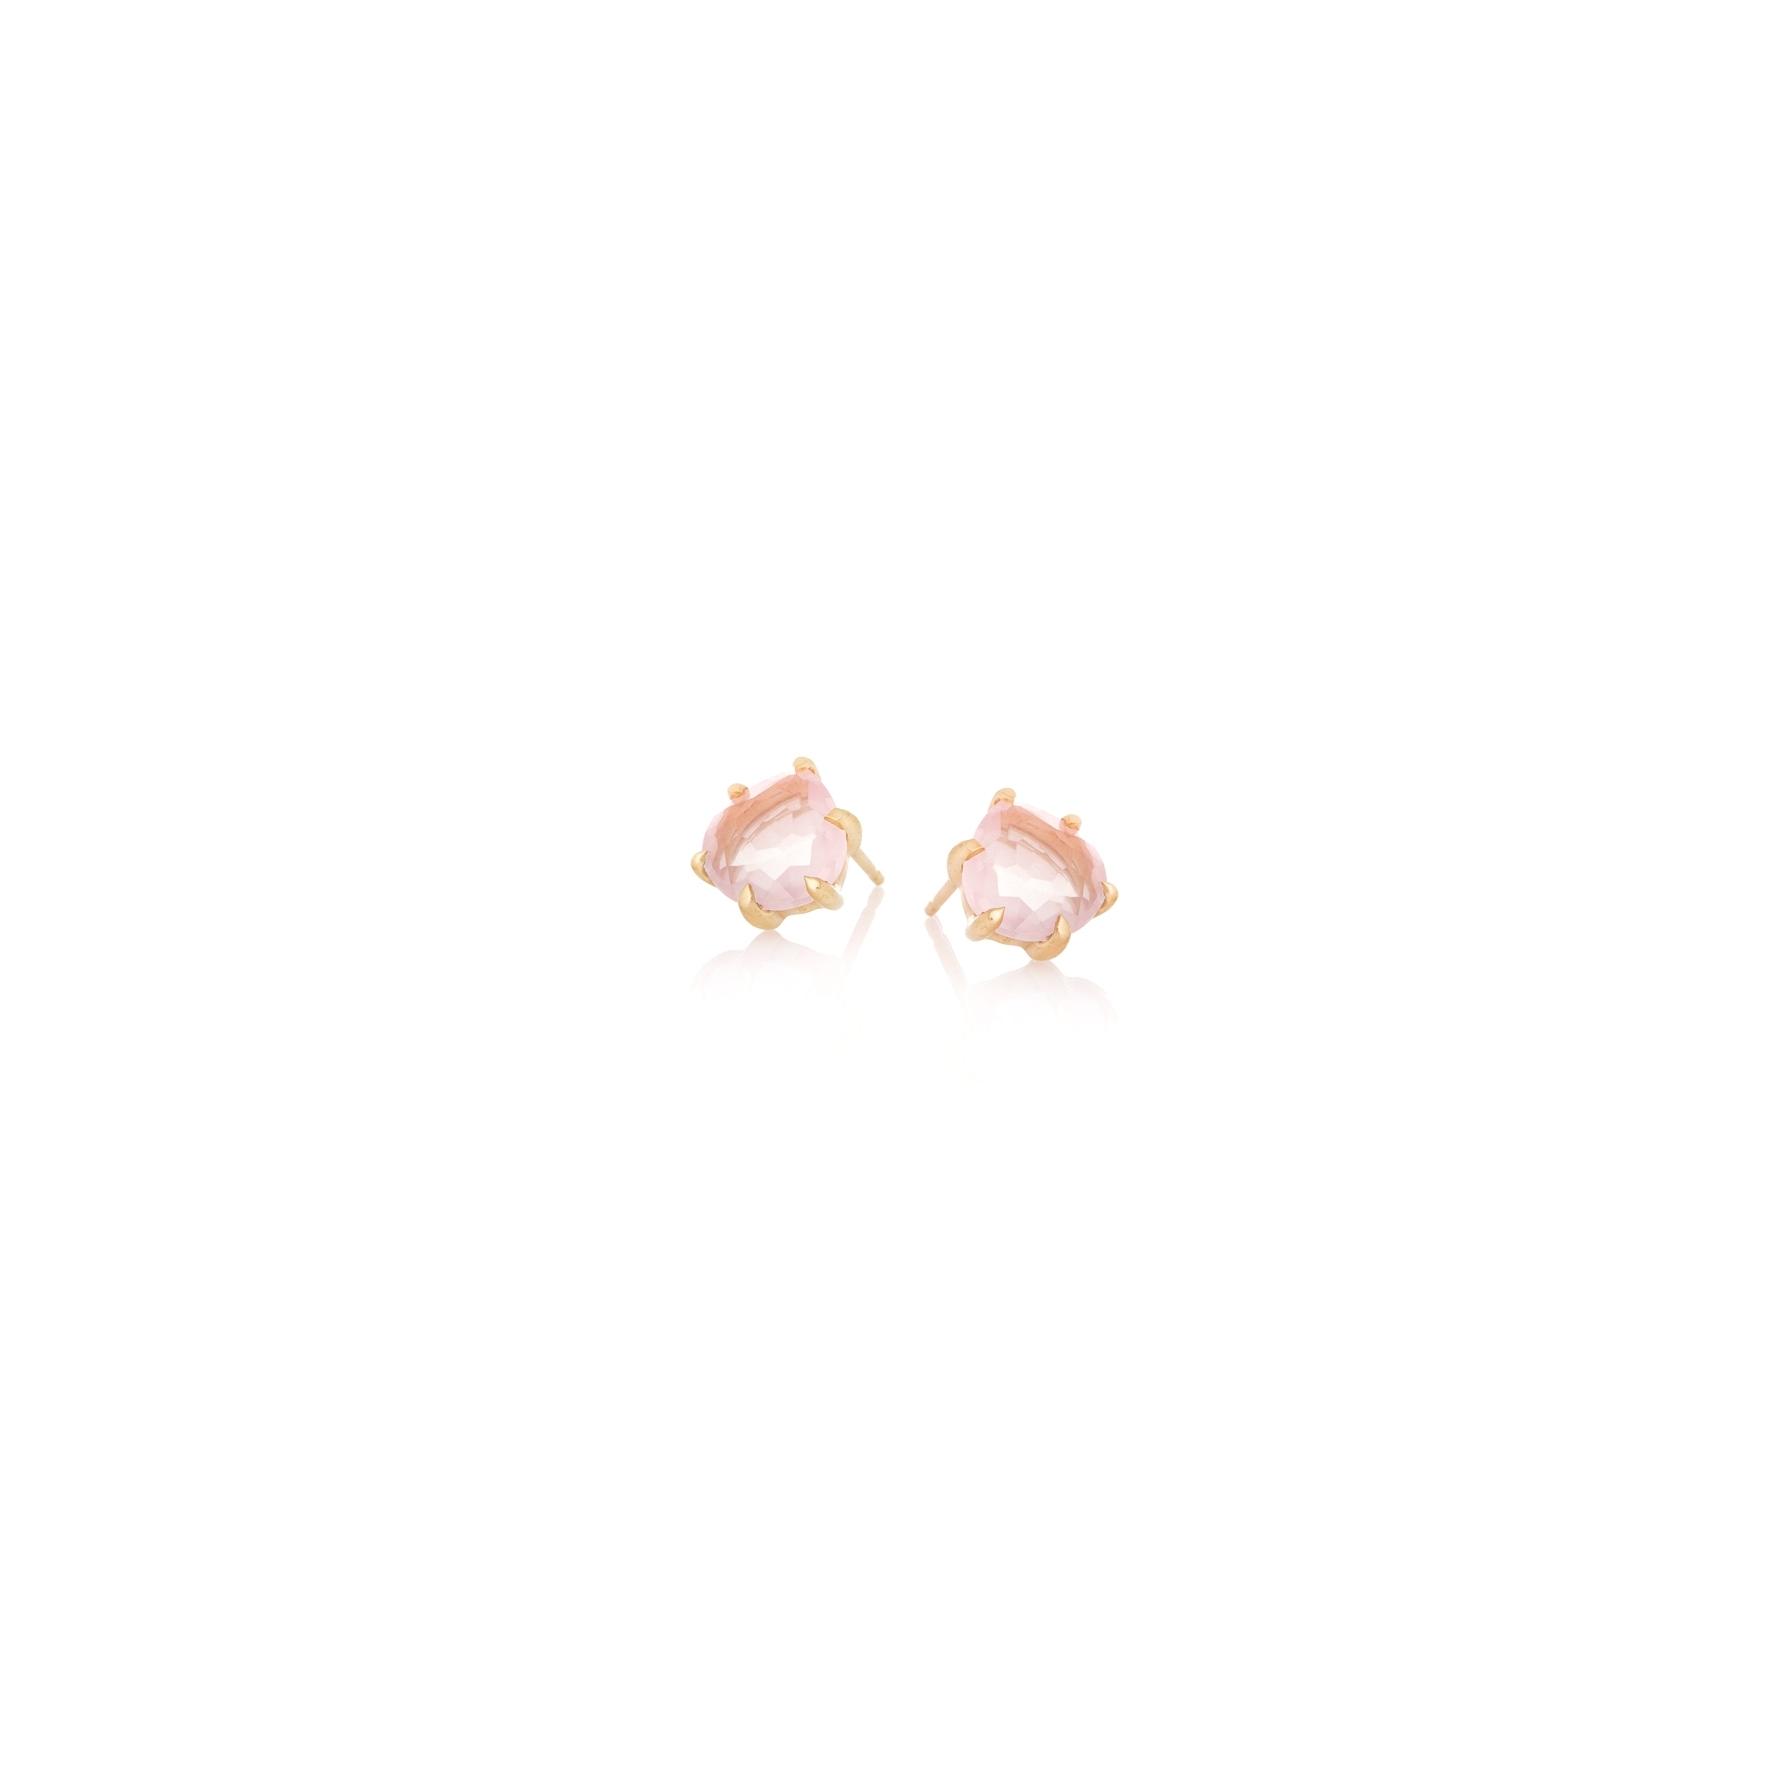 Kolczyki DUO srebrne pozłacane z naturalnym różowym kwarcem